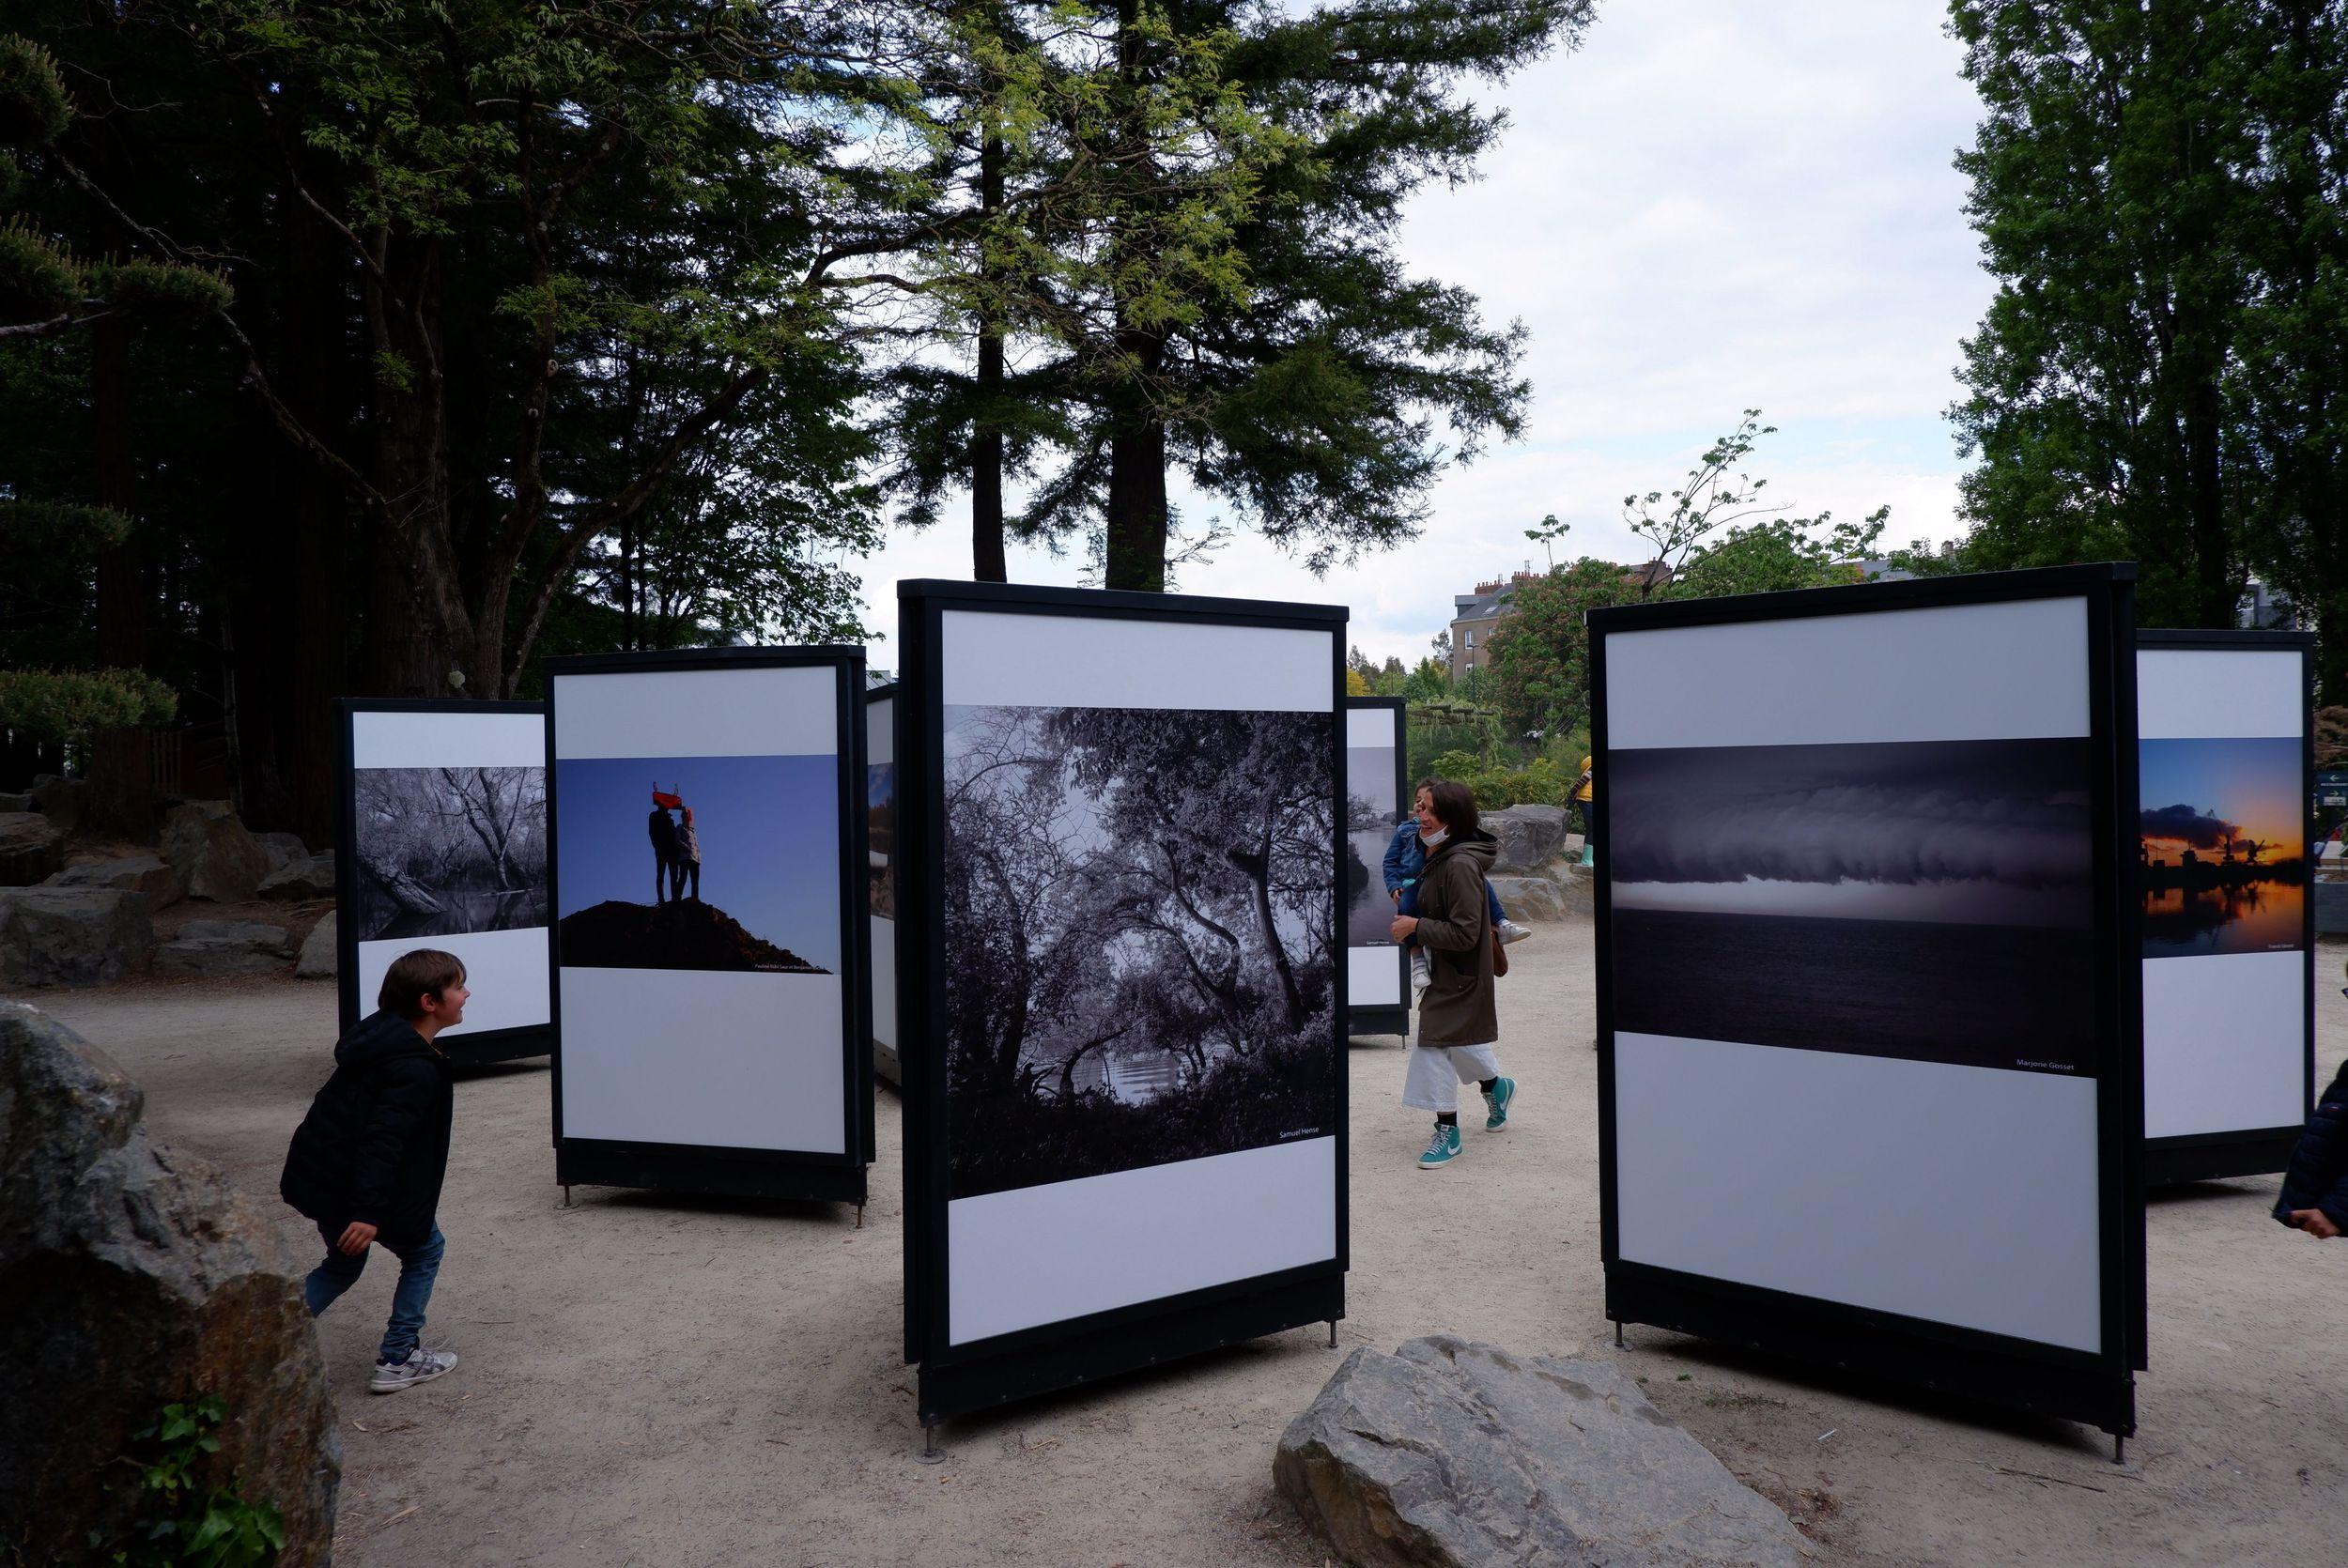 Des panneaux d'exposition sur l'île de Versailles et des gens qui jouent à chat entre les panneaux.